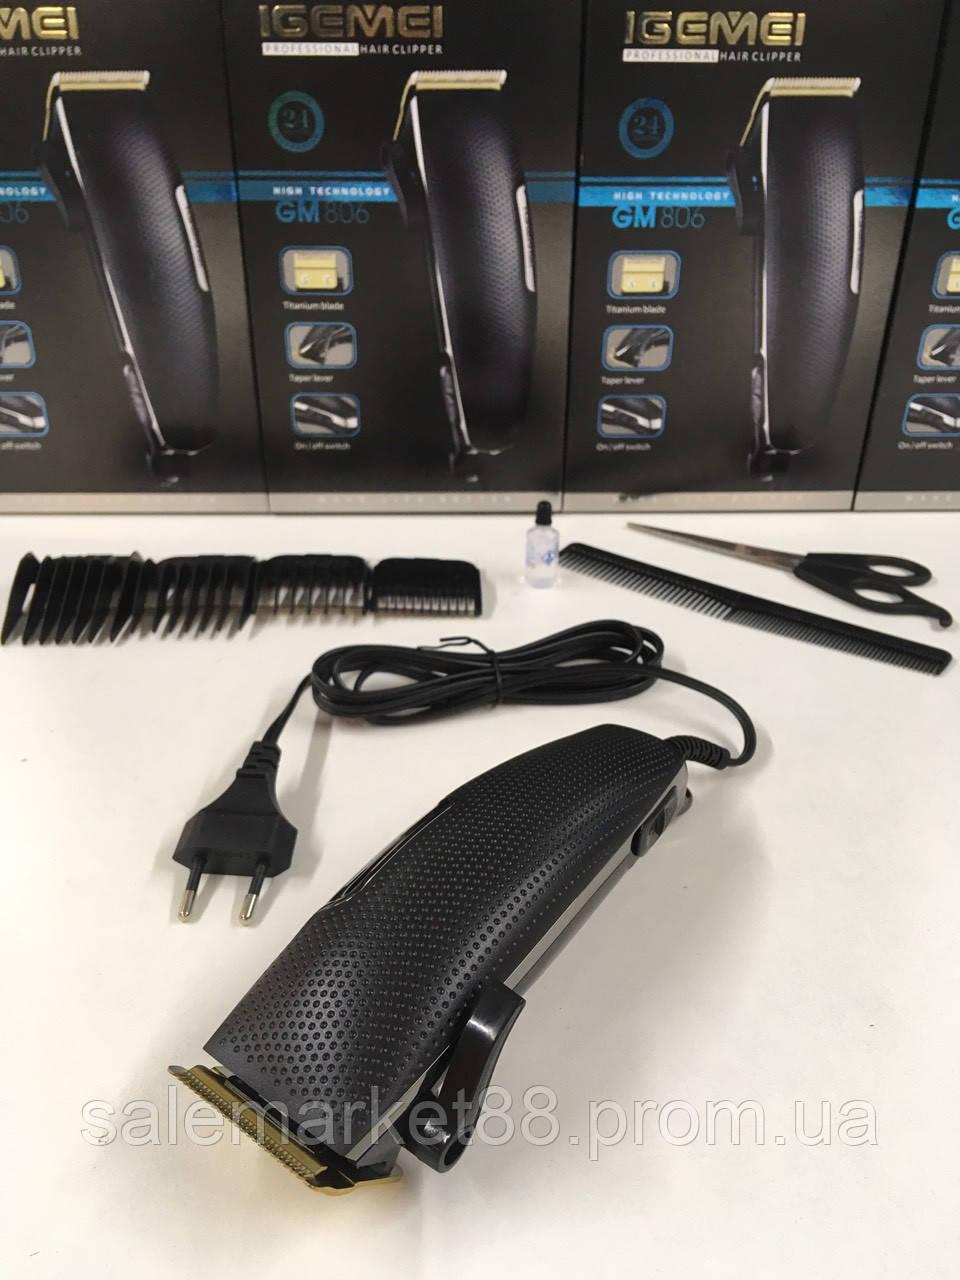 Машинки для стрижки волос профессиональная  Gemei GM-806